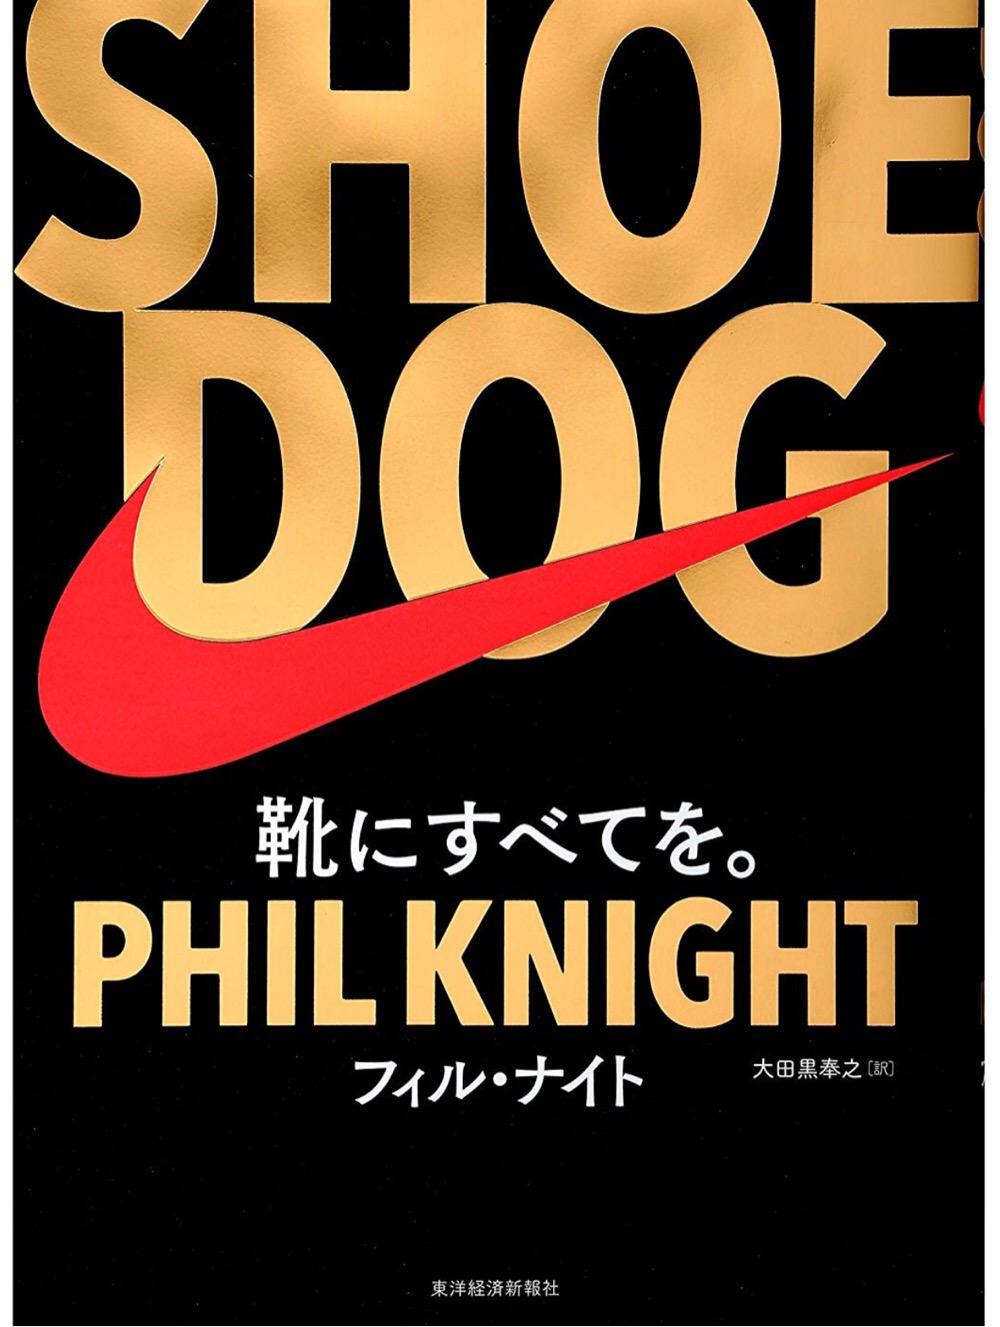 起業するなら「SHOE DOG(シュードッグ)」を読もう!